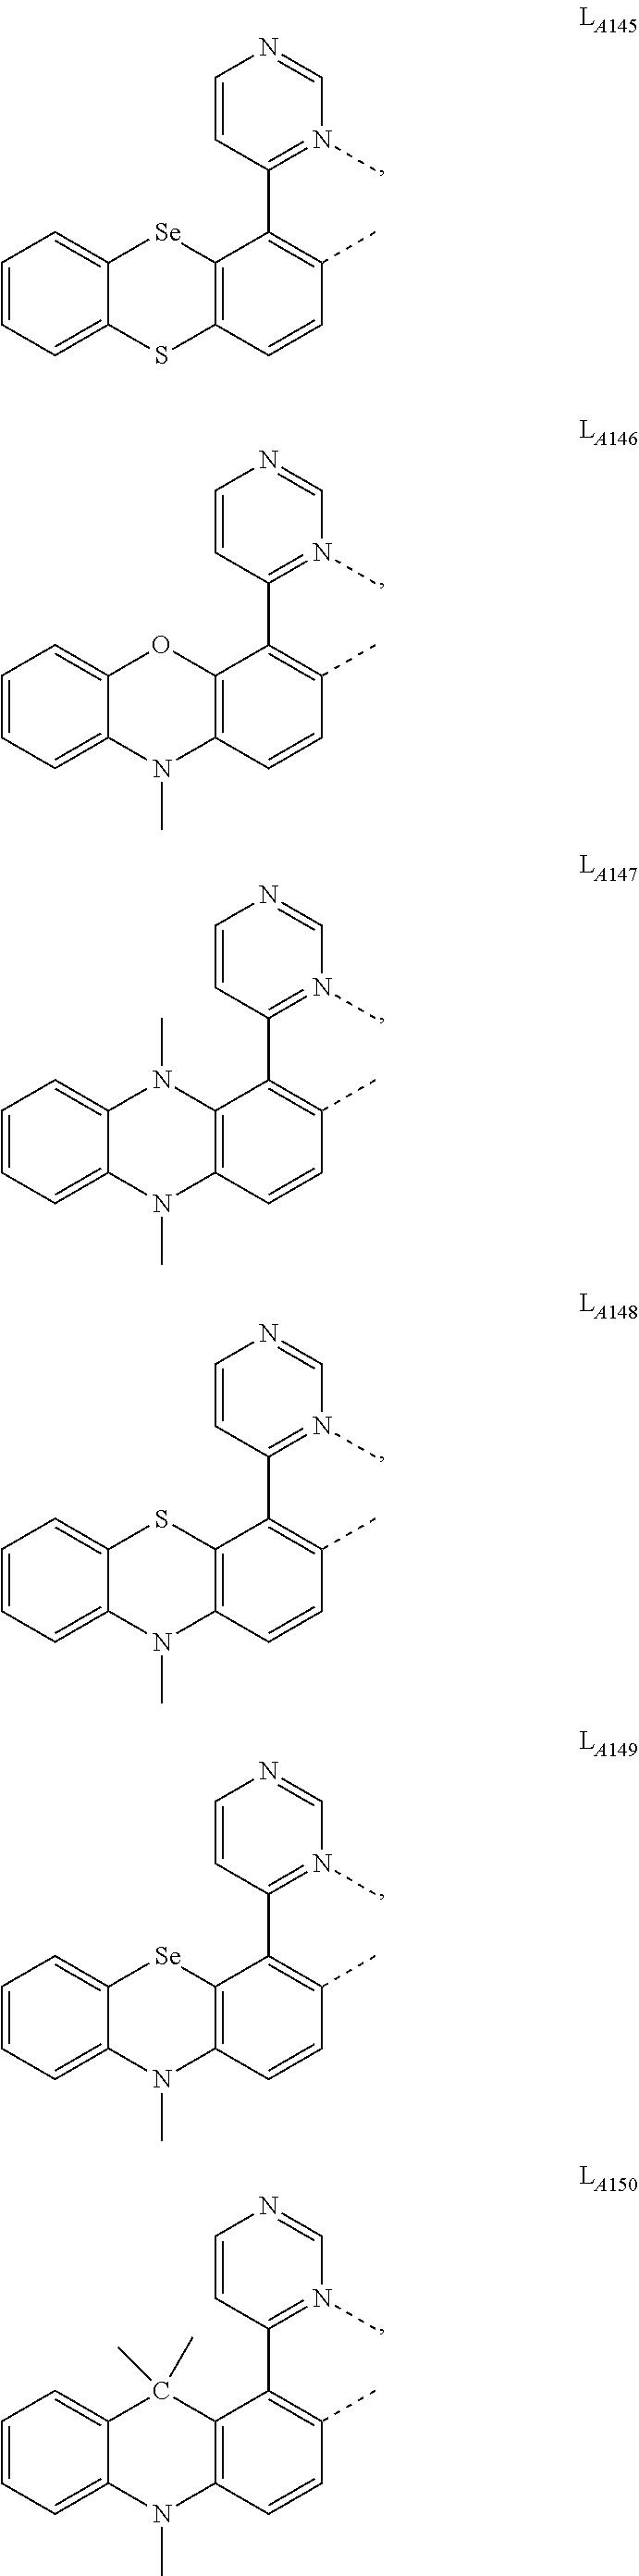 Figure US10153443-20181211-C00029